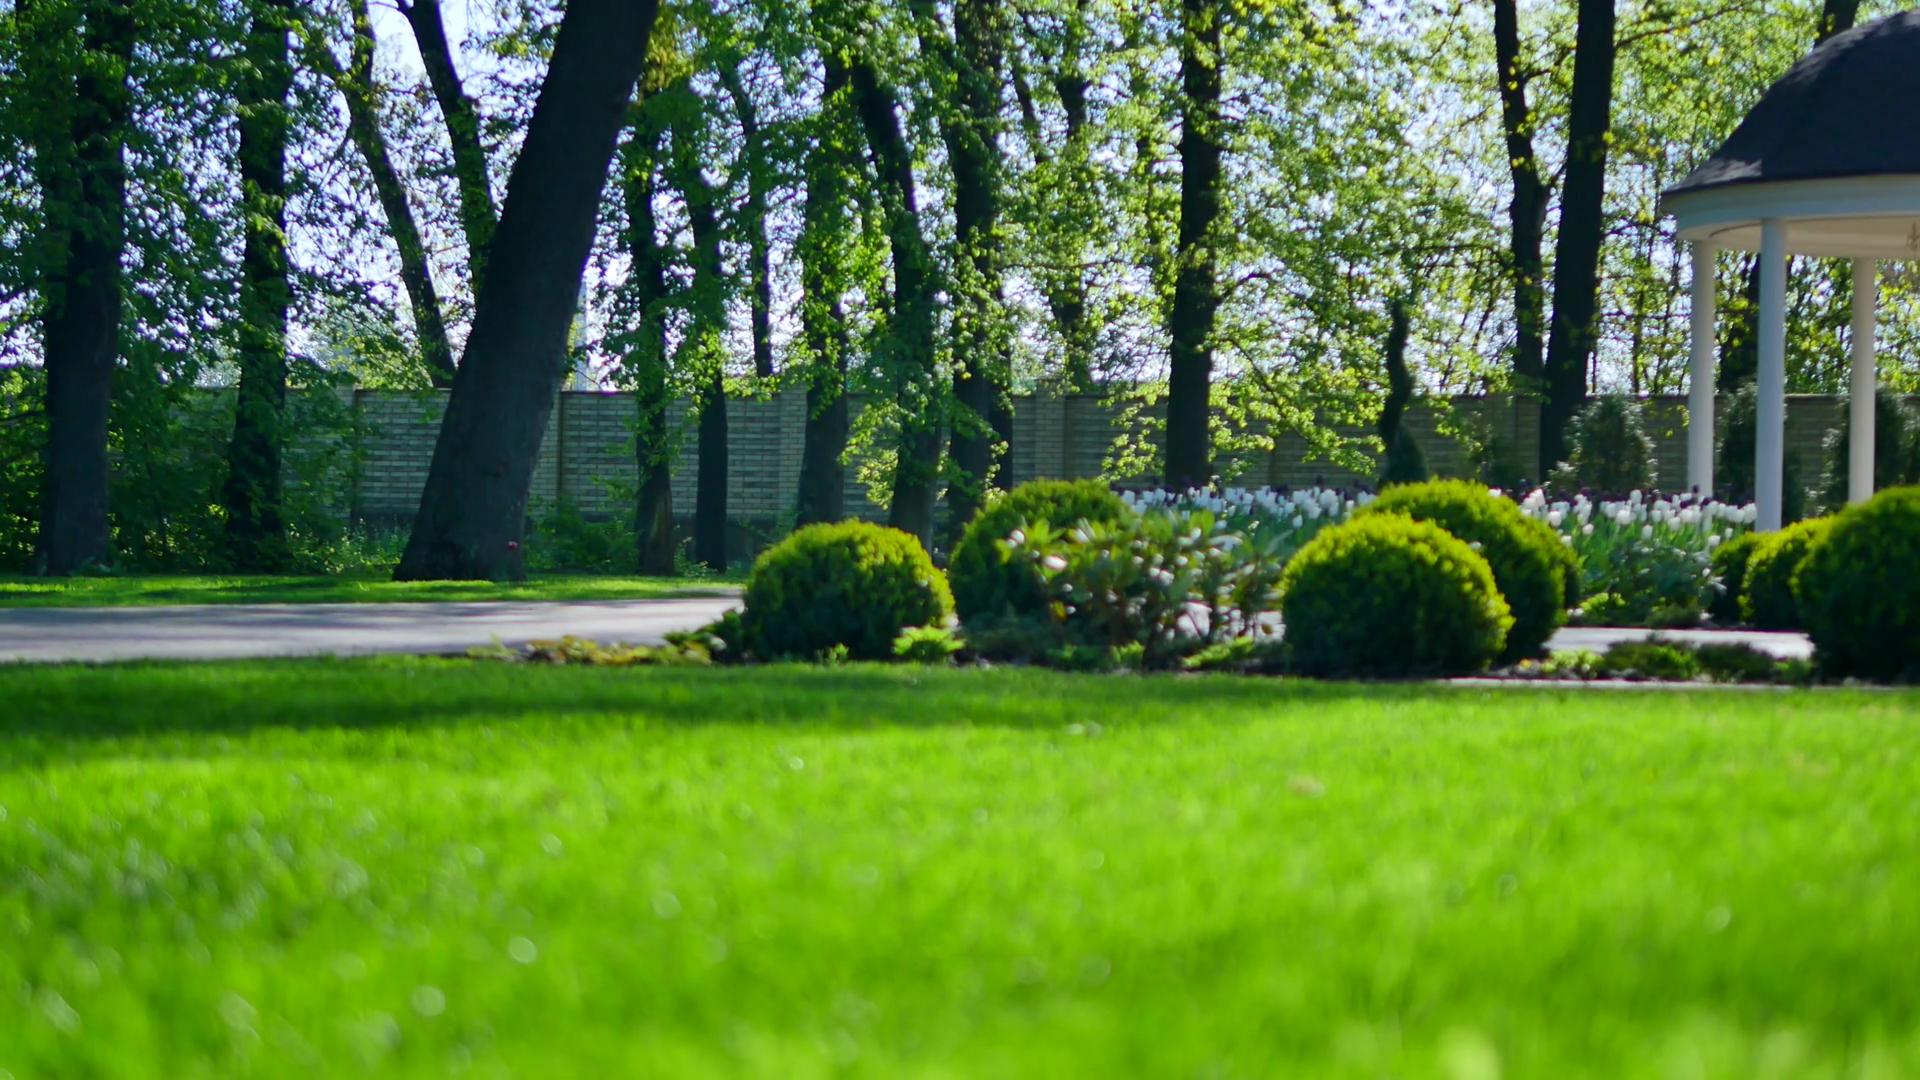 Photo of Meilleurs engrais pour pelouse 2020 Guide d'achat, comparatif et avis